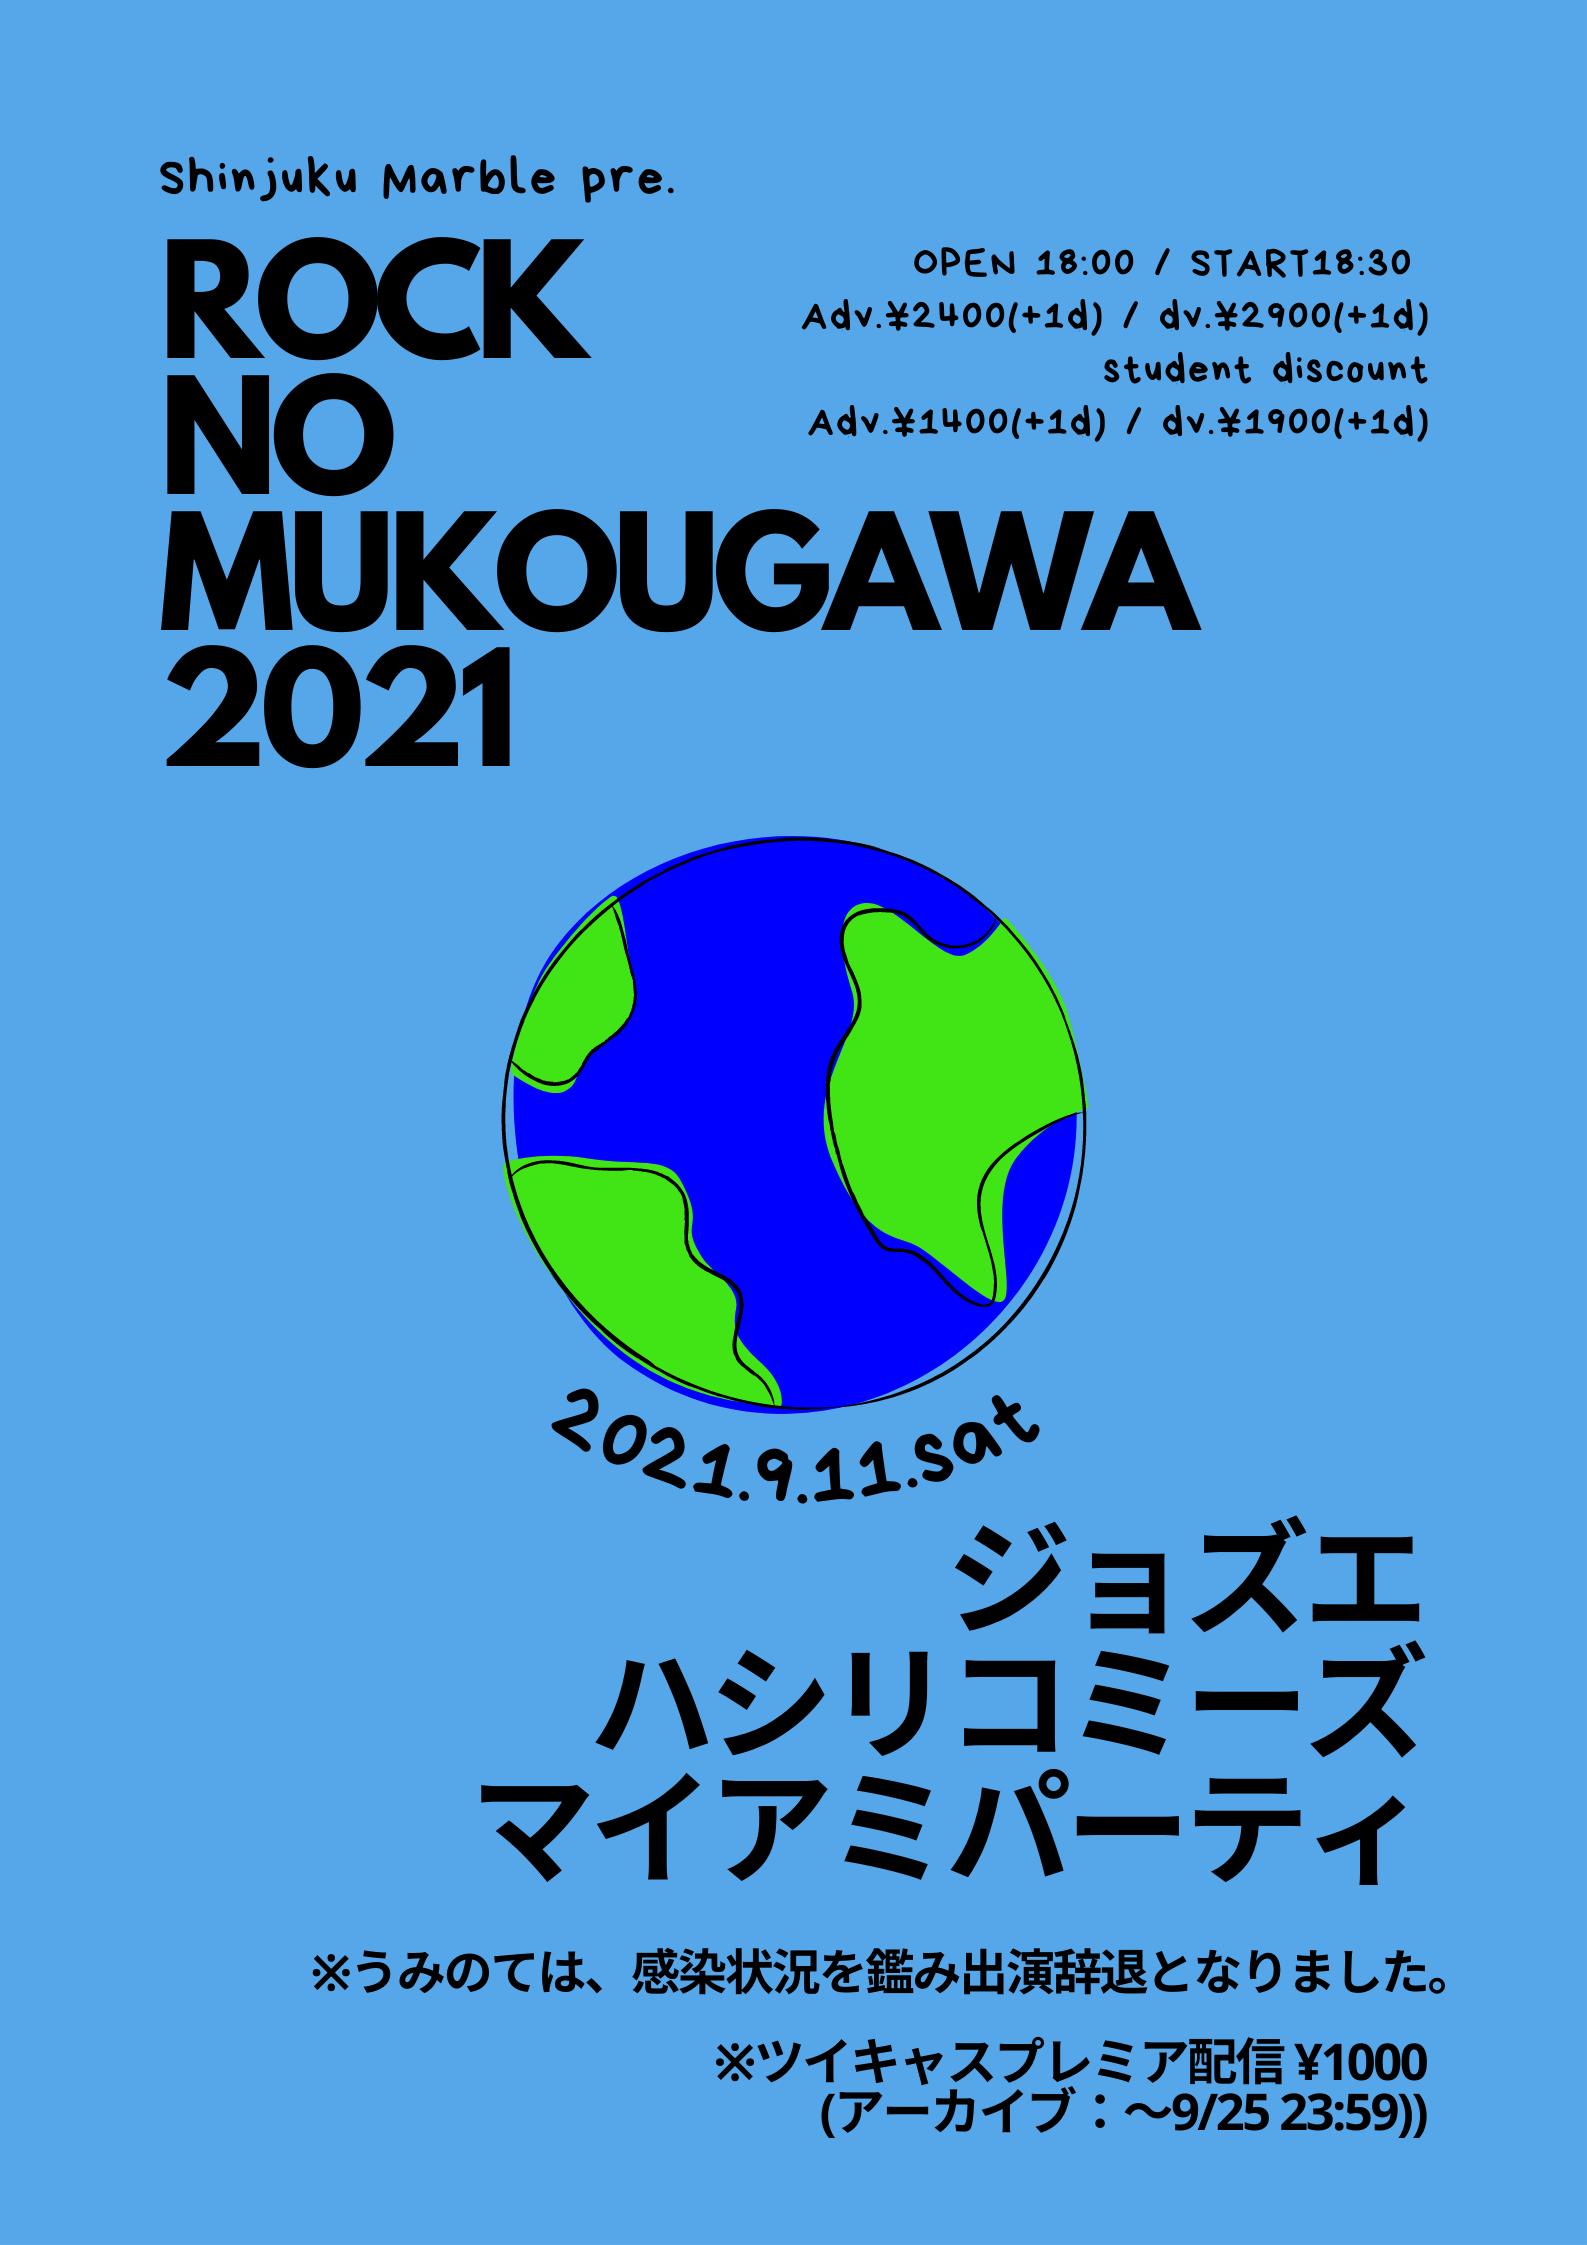 ROCKNOMUKOUGAWA2021